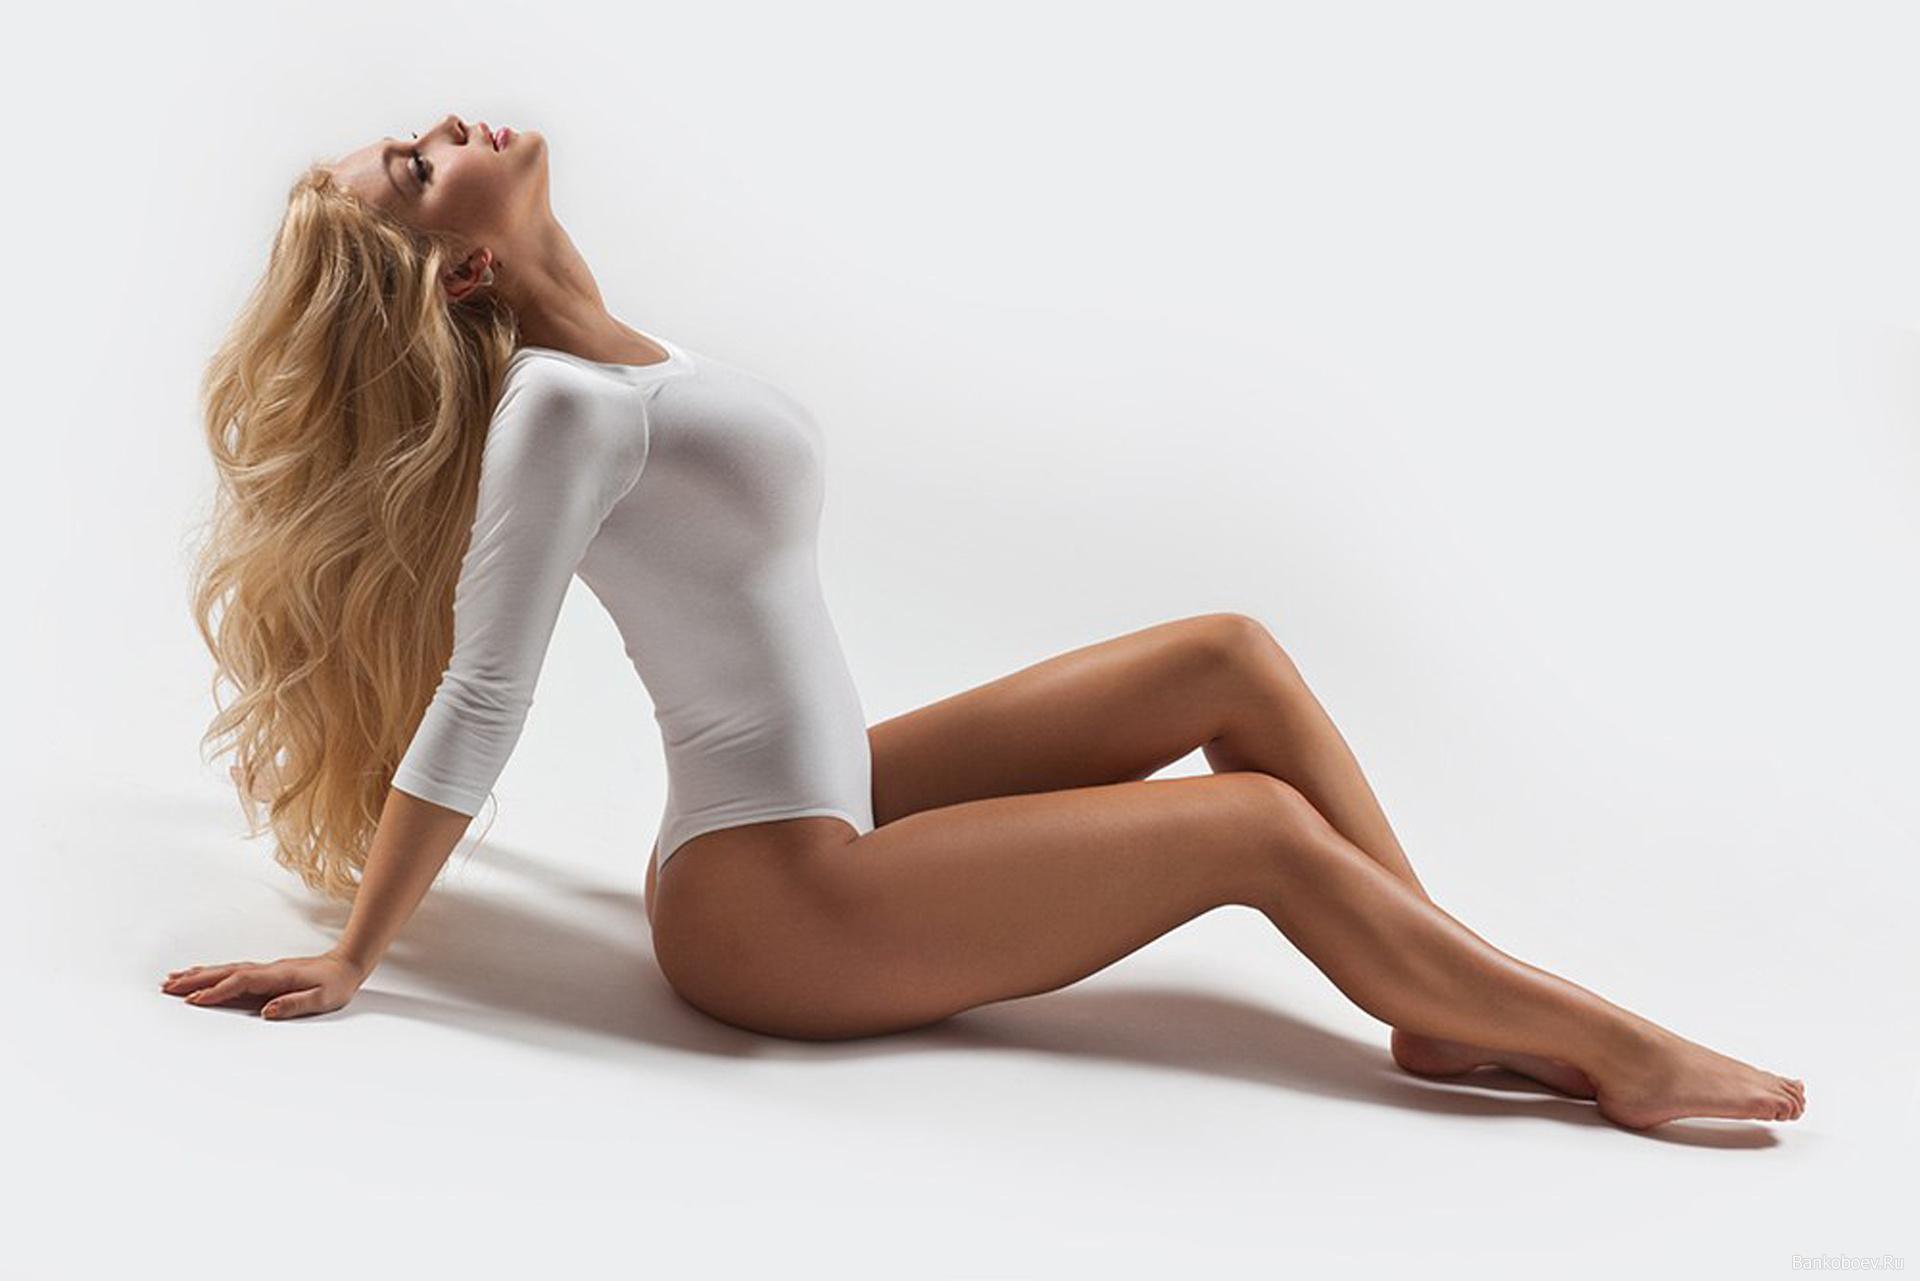 9-porno.ru Женщины с красивыми ножками